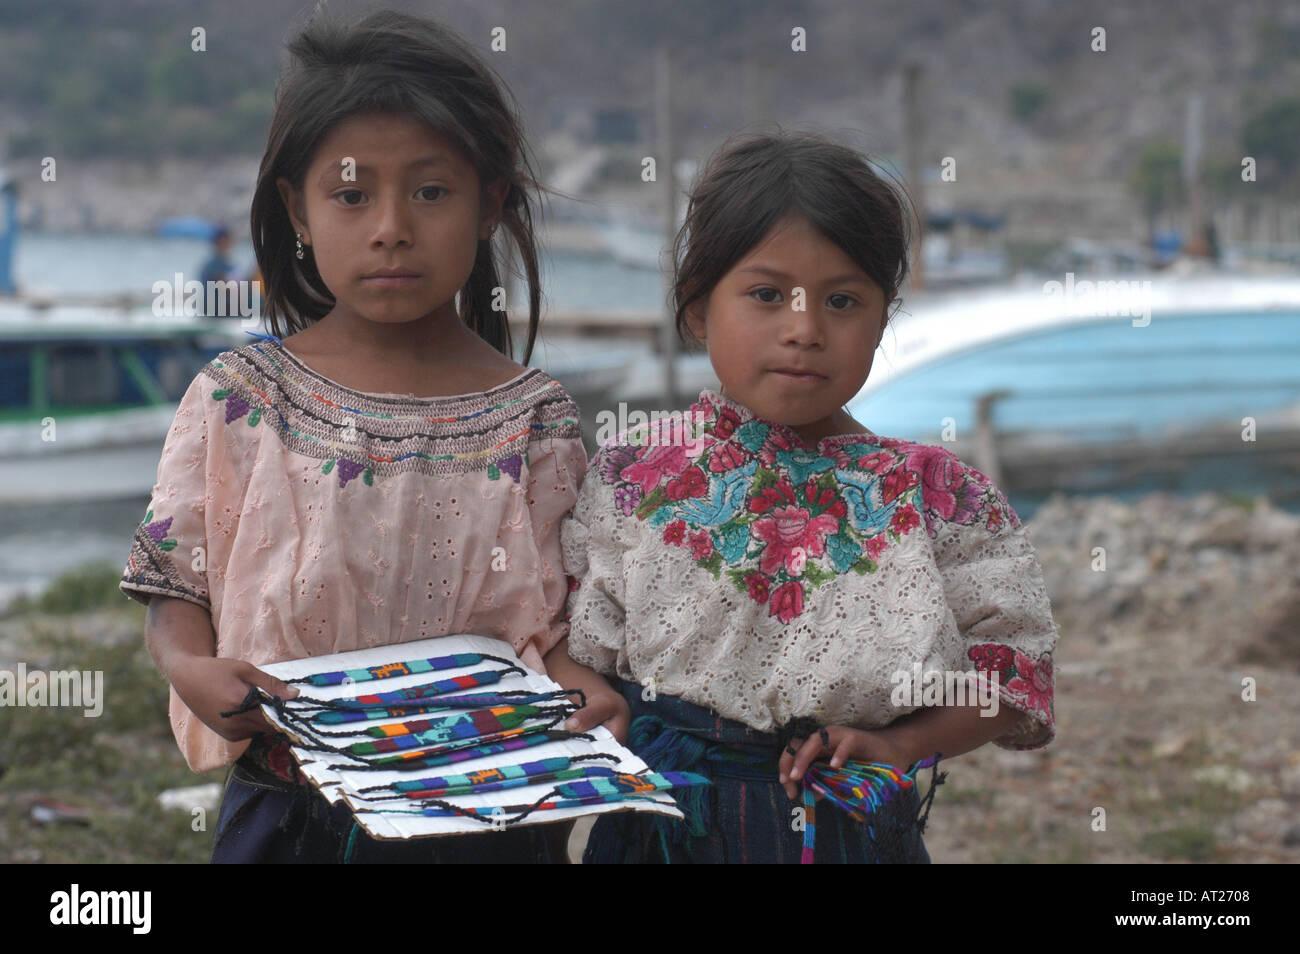 les filles à la recherche pour les garçons au guatemala